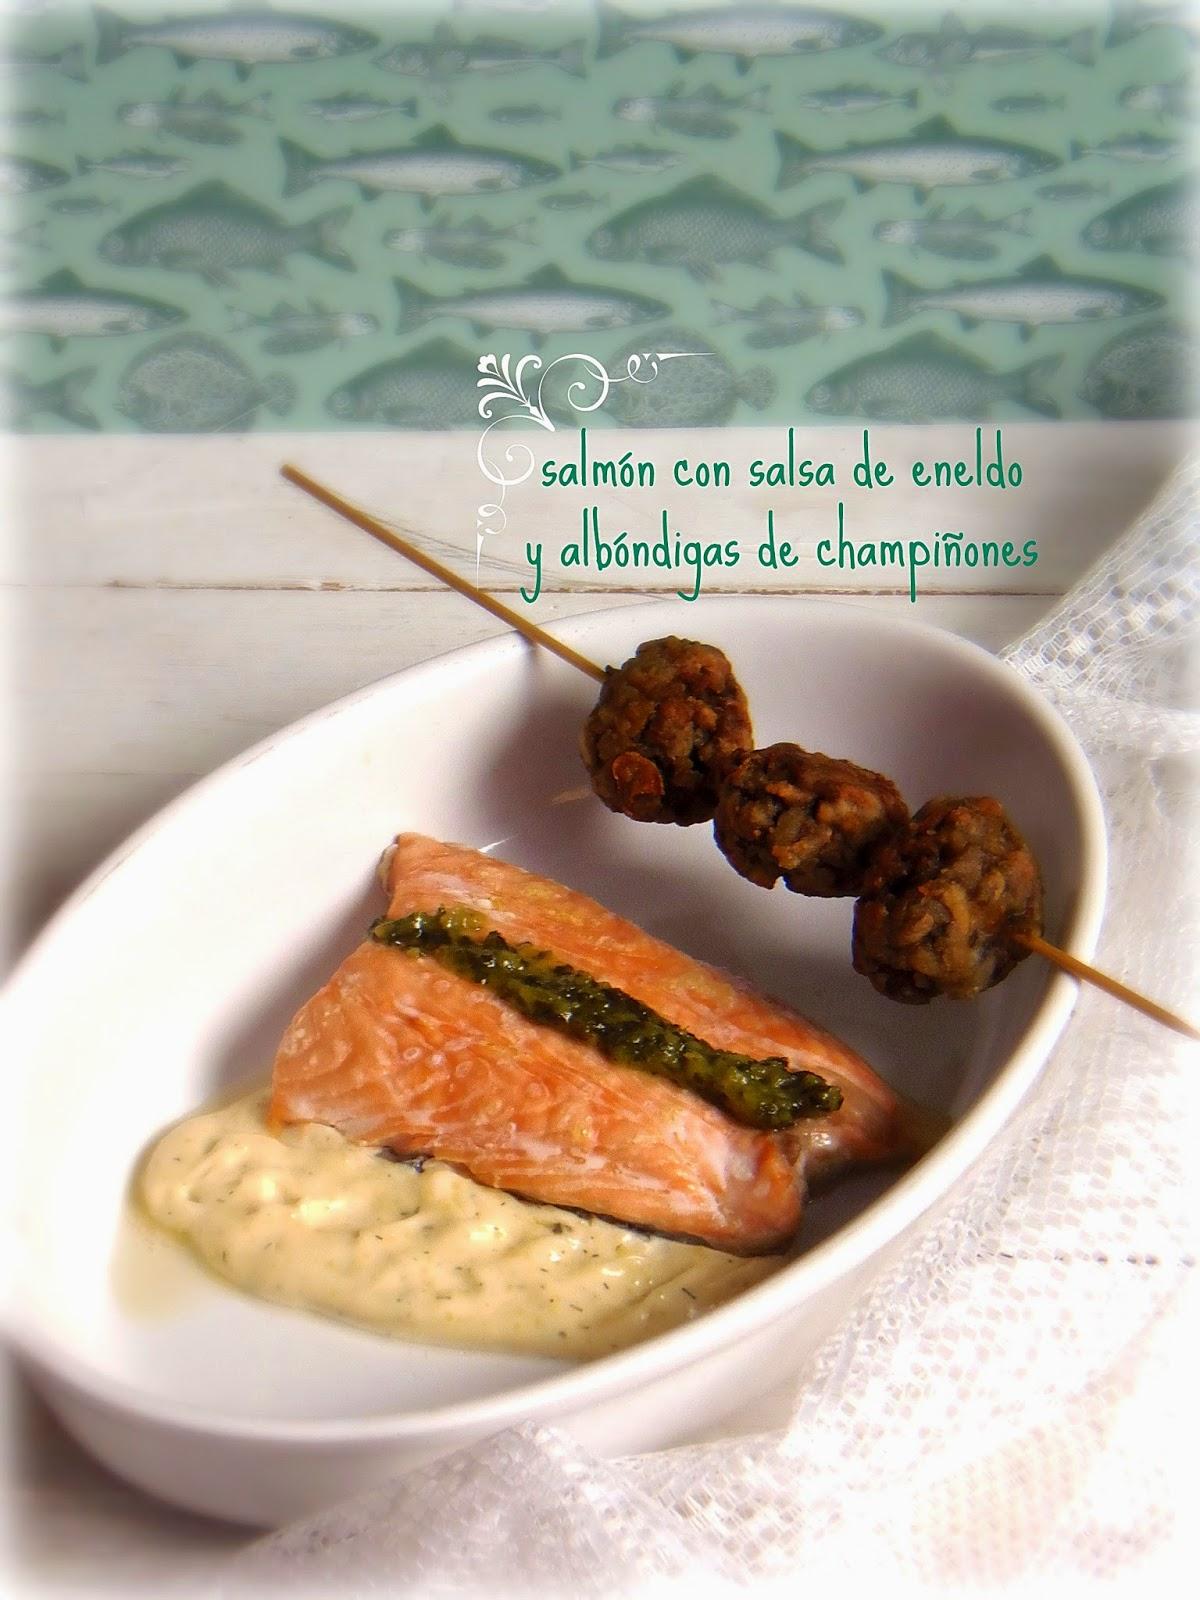 Salm n con salsa de eneldo y alb ndigas de champi ones - Salmon con champinones ...